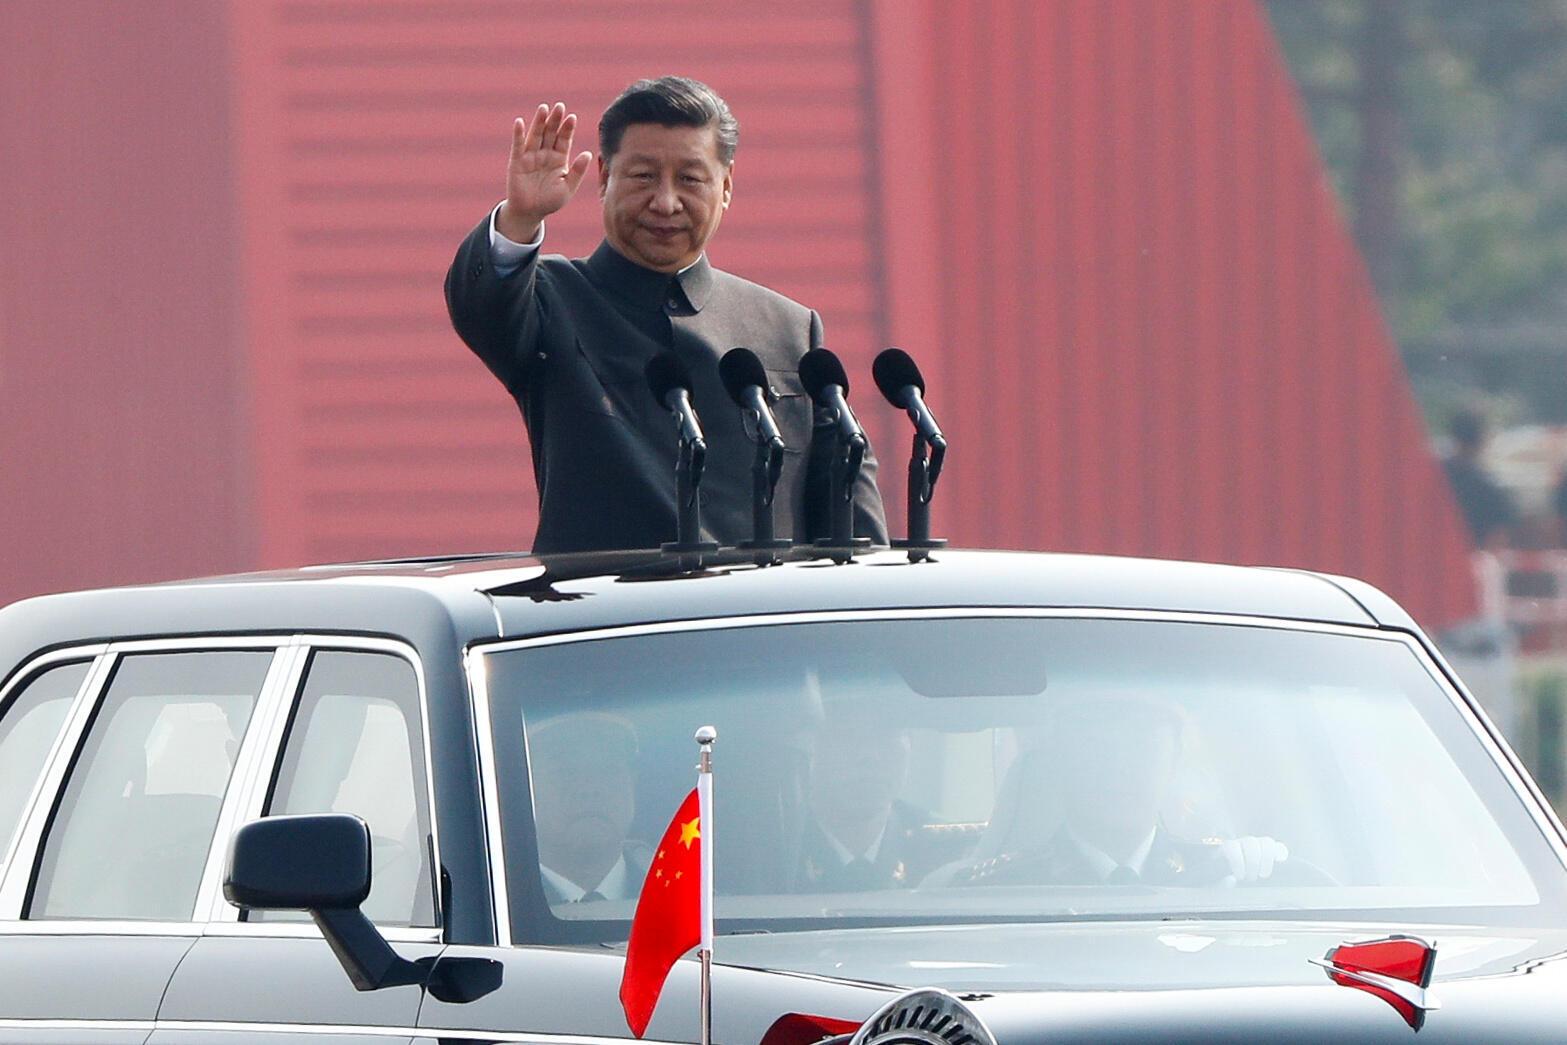 10月1日,中共建政70周年,习近平在天安门广场检阅三军。